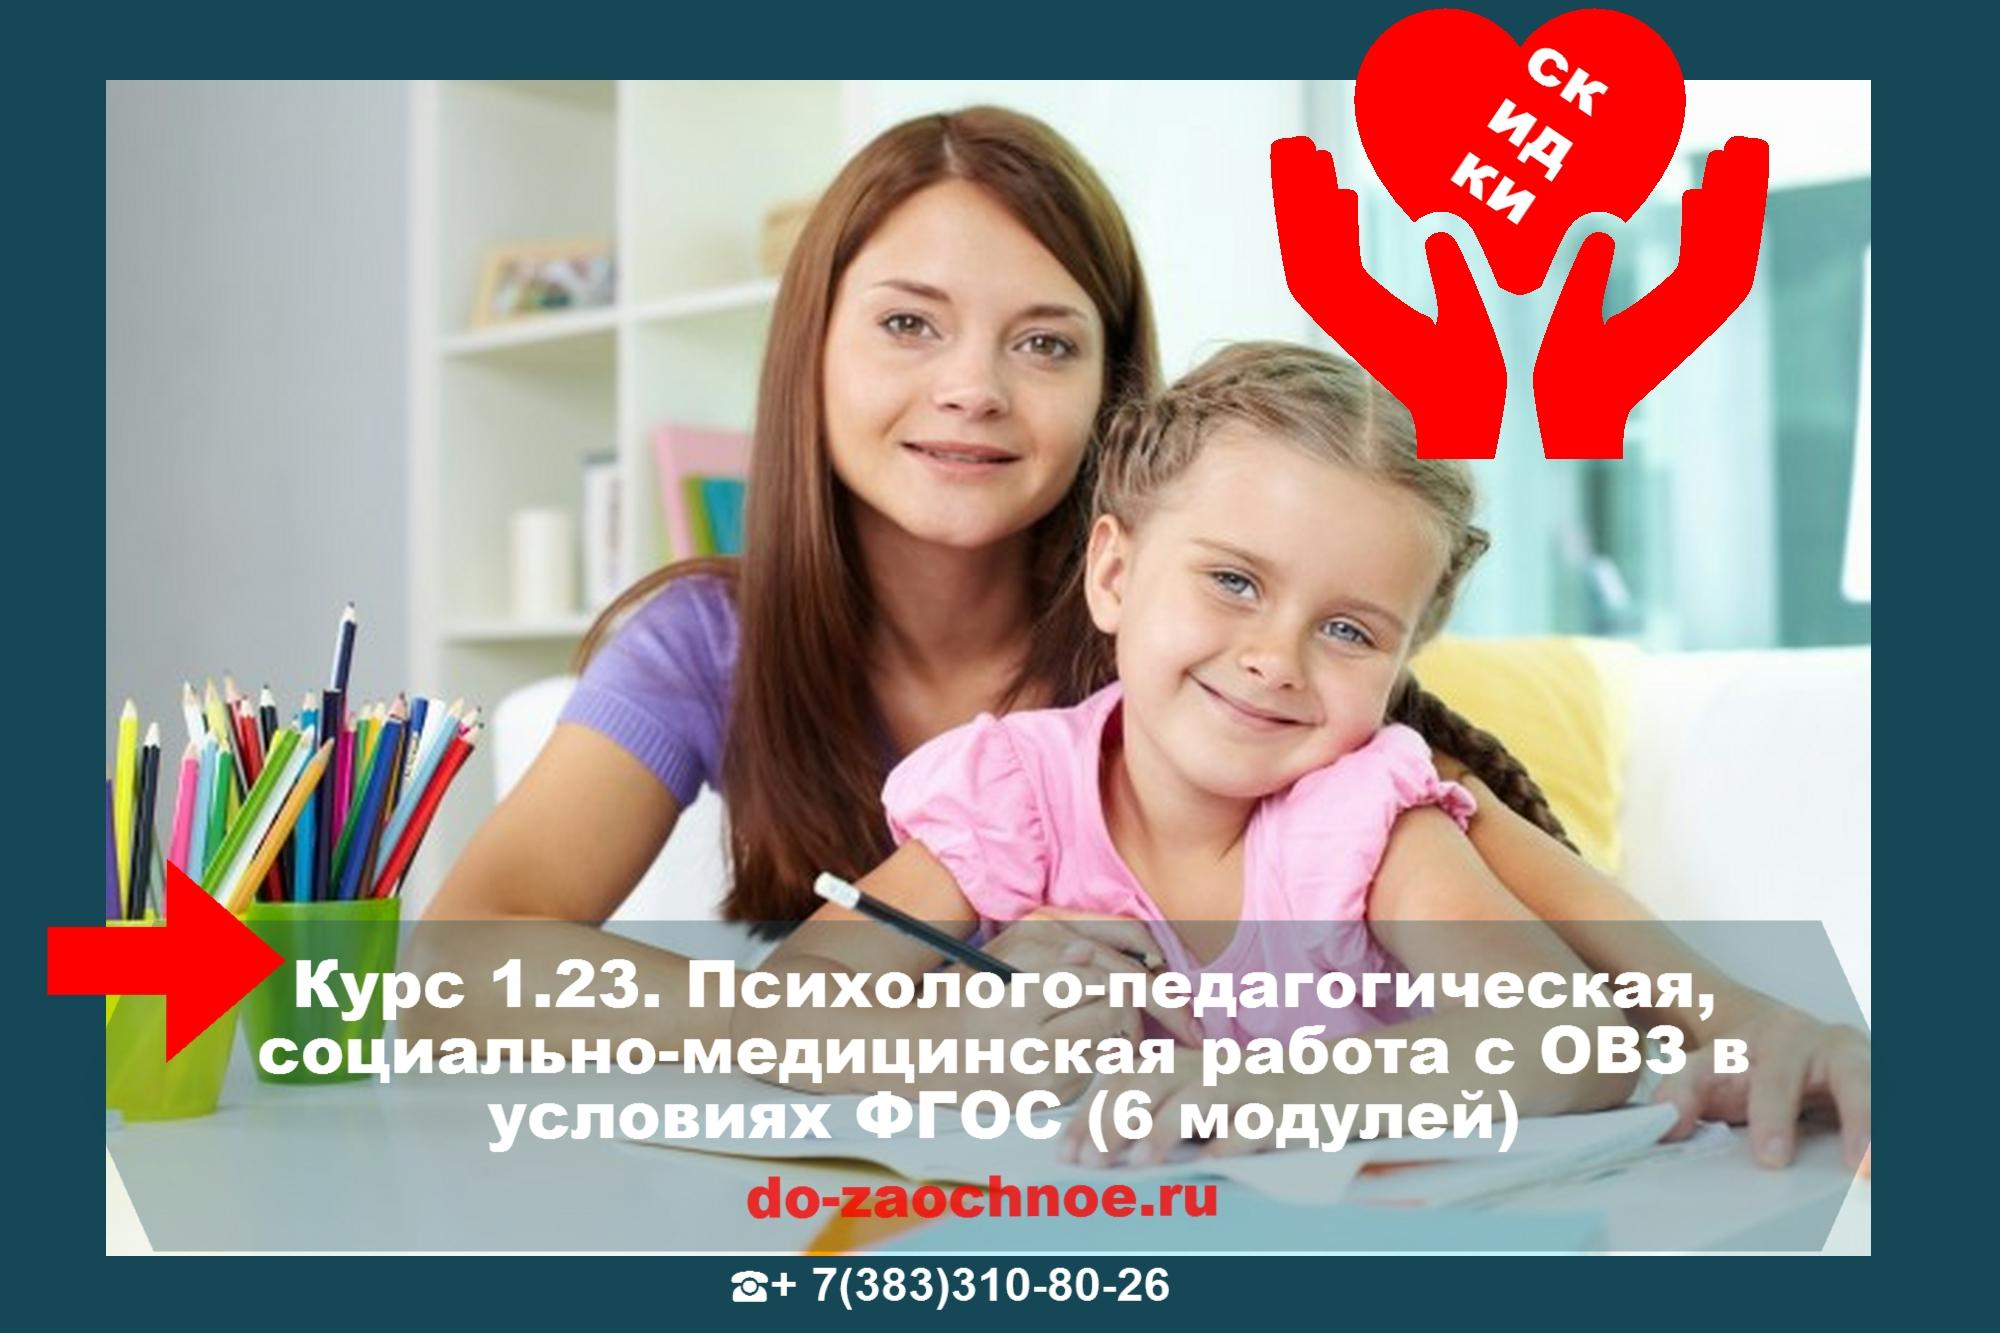 Дистанционный курс ИДПК Психолого-педагогическое сопровождение детей с ОВЗ в условиях ФГОС (6 модулей)